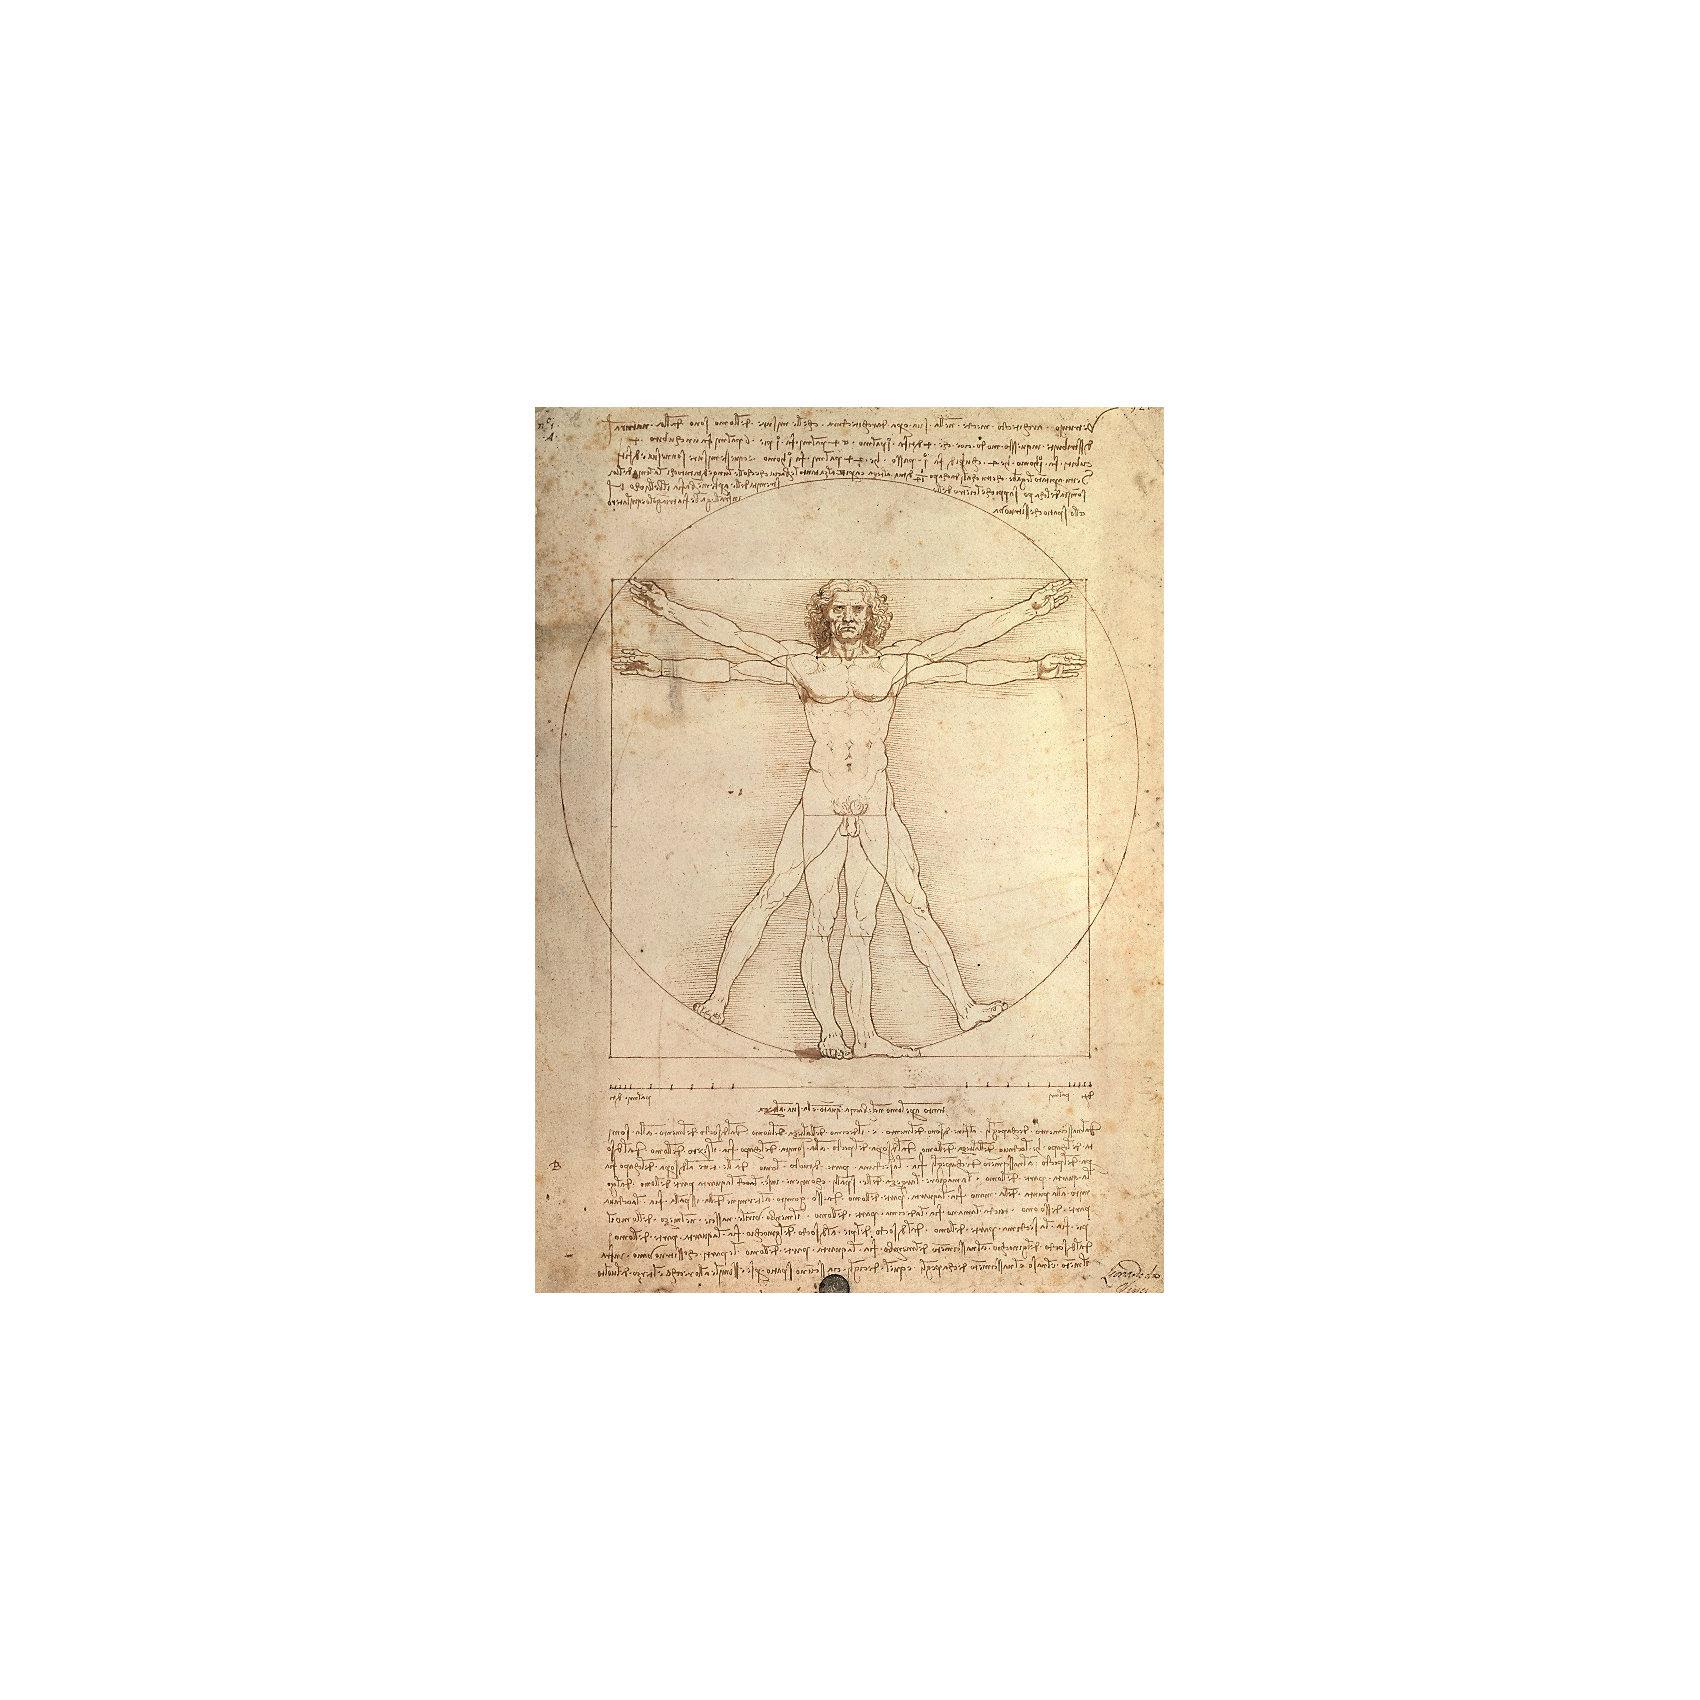 Ravensburger Пазл «Витрувианский человек» 1000 деталей, Ravensburger пазл 73 5 x 48 8 1000 элементов printio железный человек